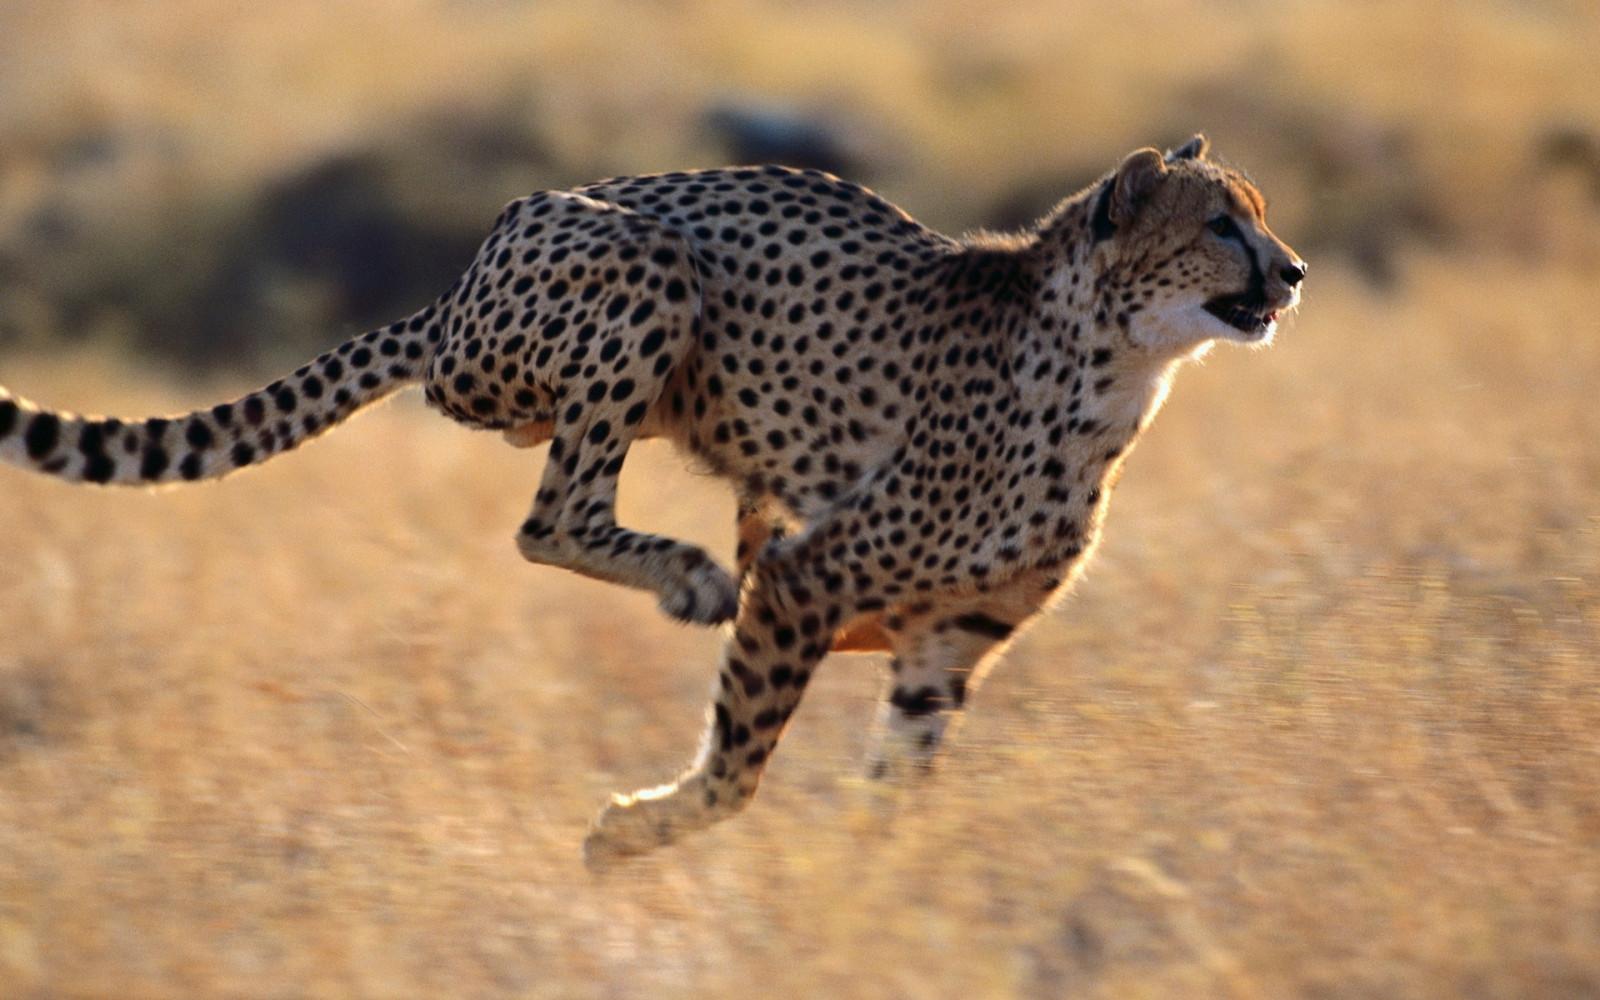 интересные фото черного гепардов в прыжке